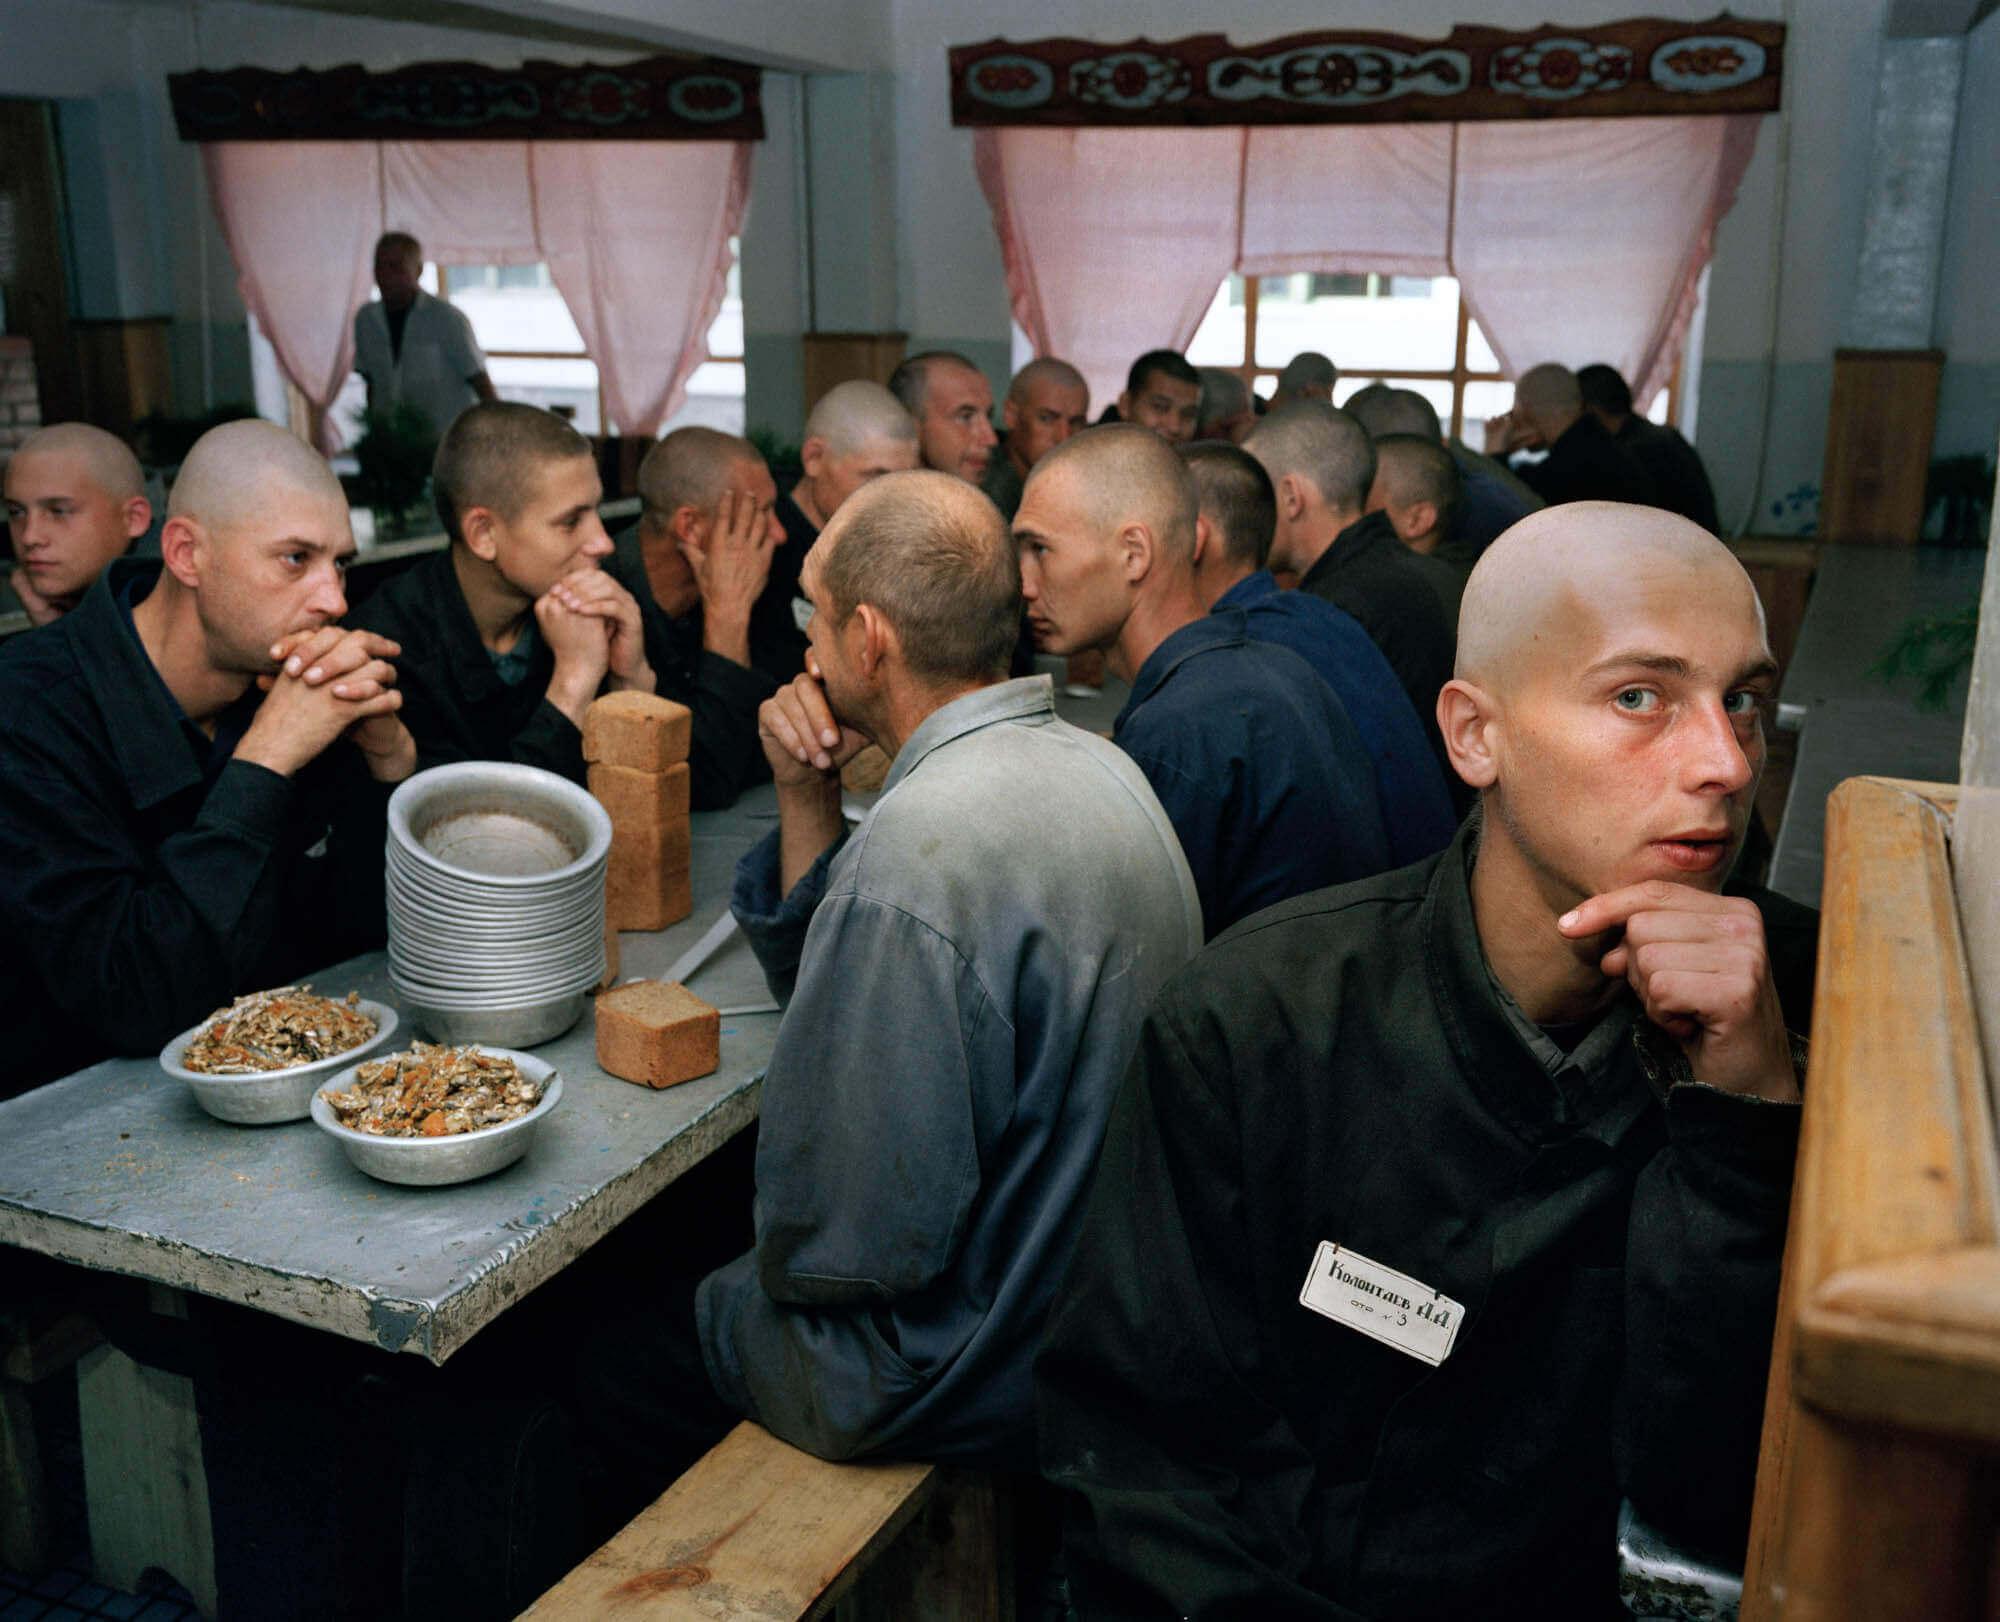 На питание заключенного в России тратиться 72 рубля в день в 2017 году